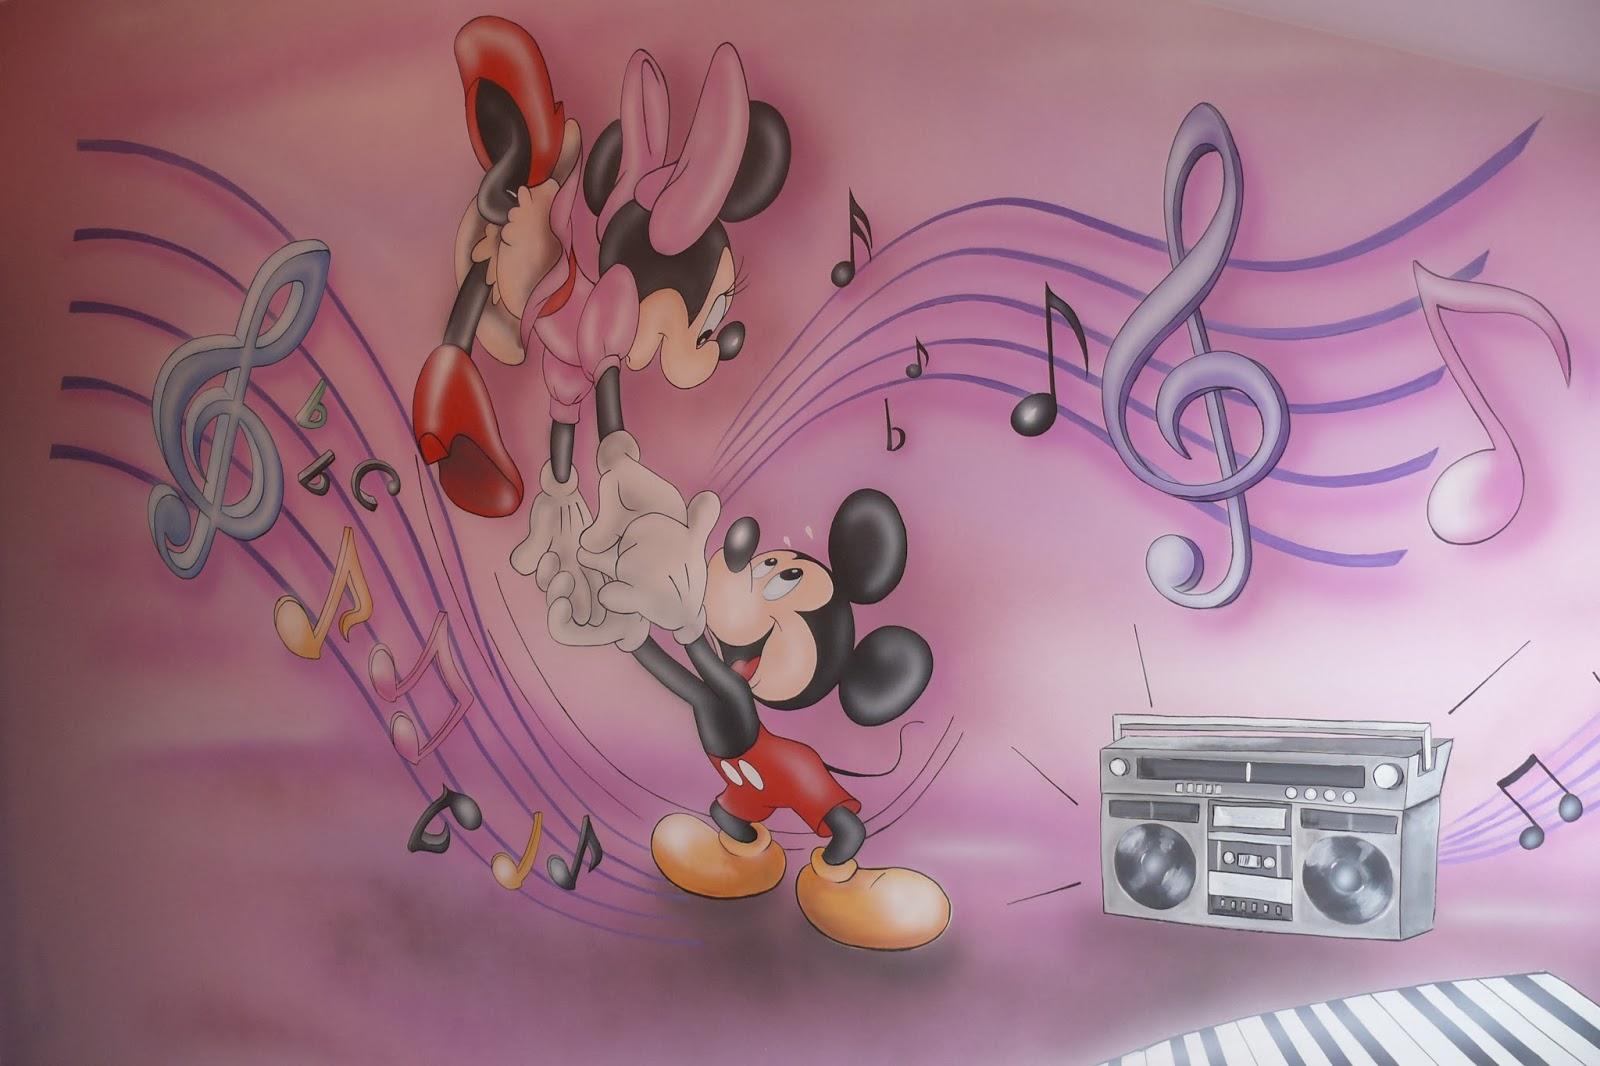 artystyczne malowanie ściany w pokoju dziewczynki, aranżacja ściany